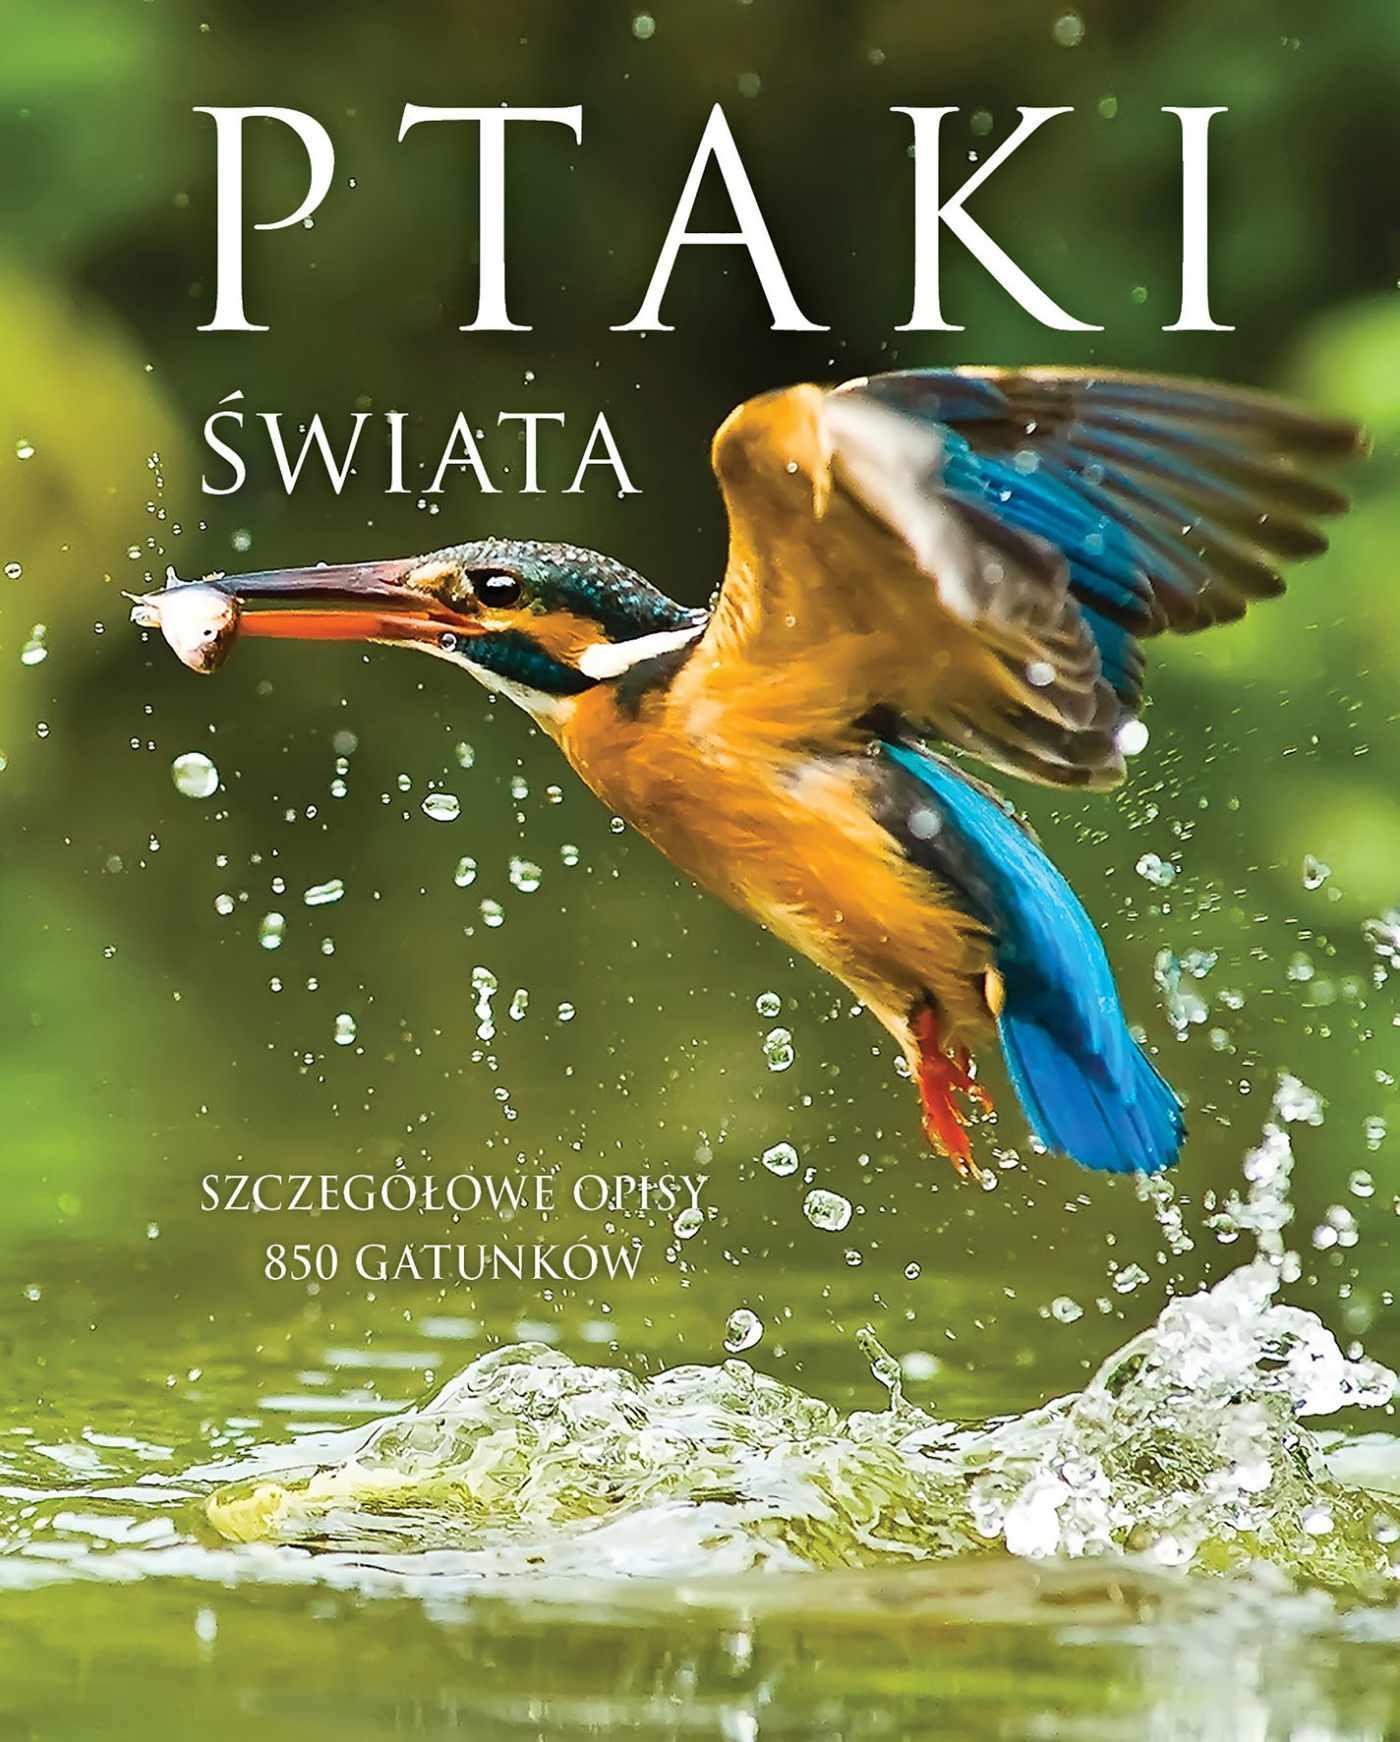 Ptaki Świata - Ebook (Książka PDF) do pobrania w formacie PDF